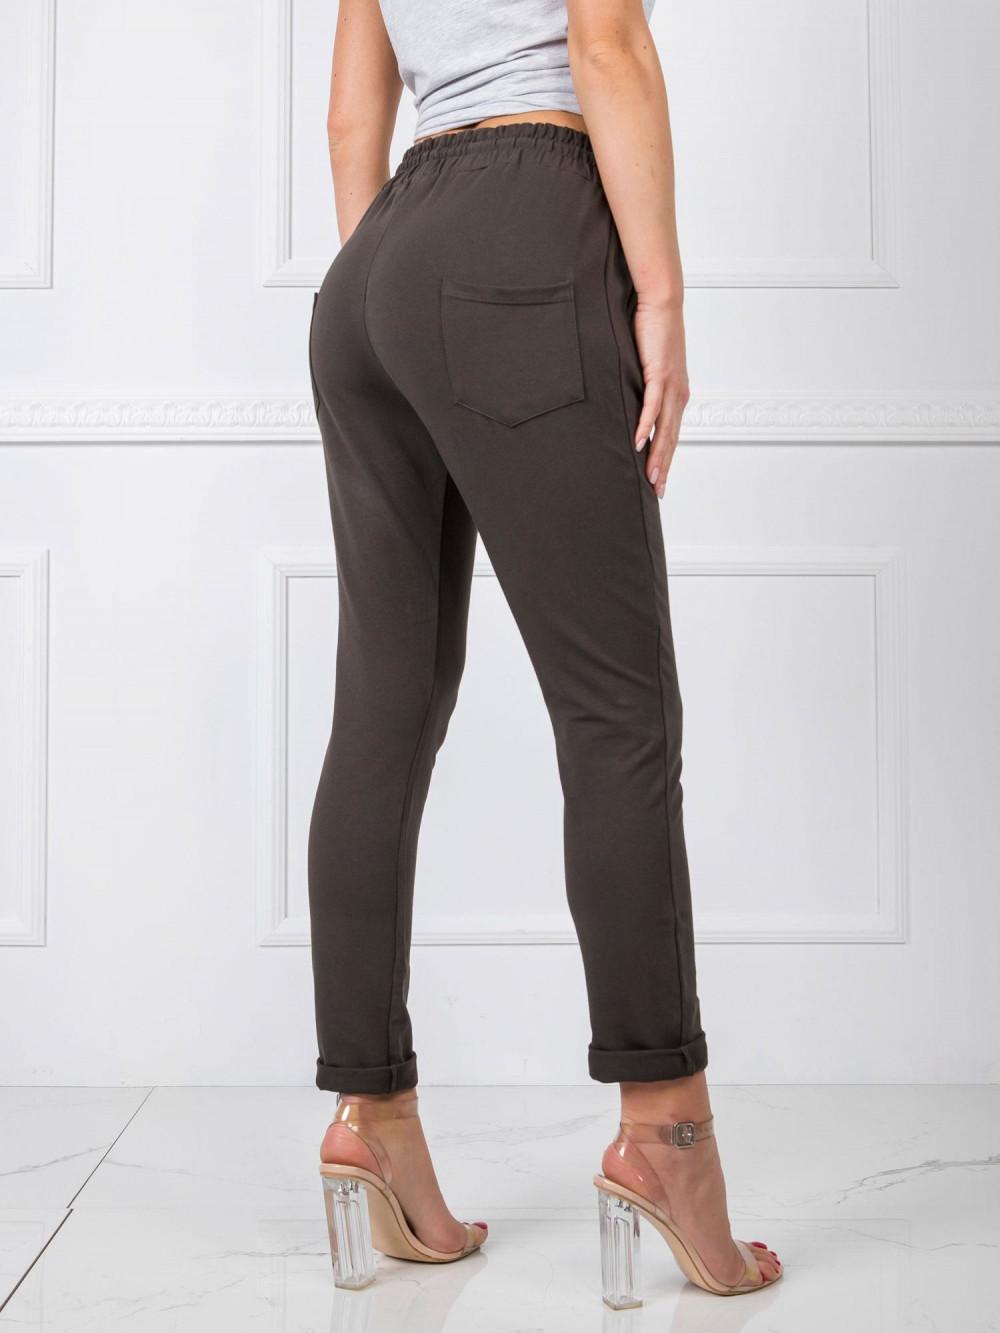 Khaki spodnie dresowe z wysokim stanem Primes 3